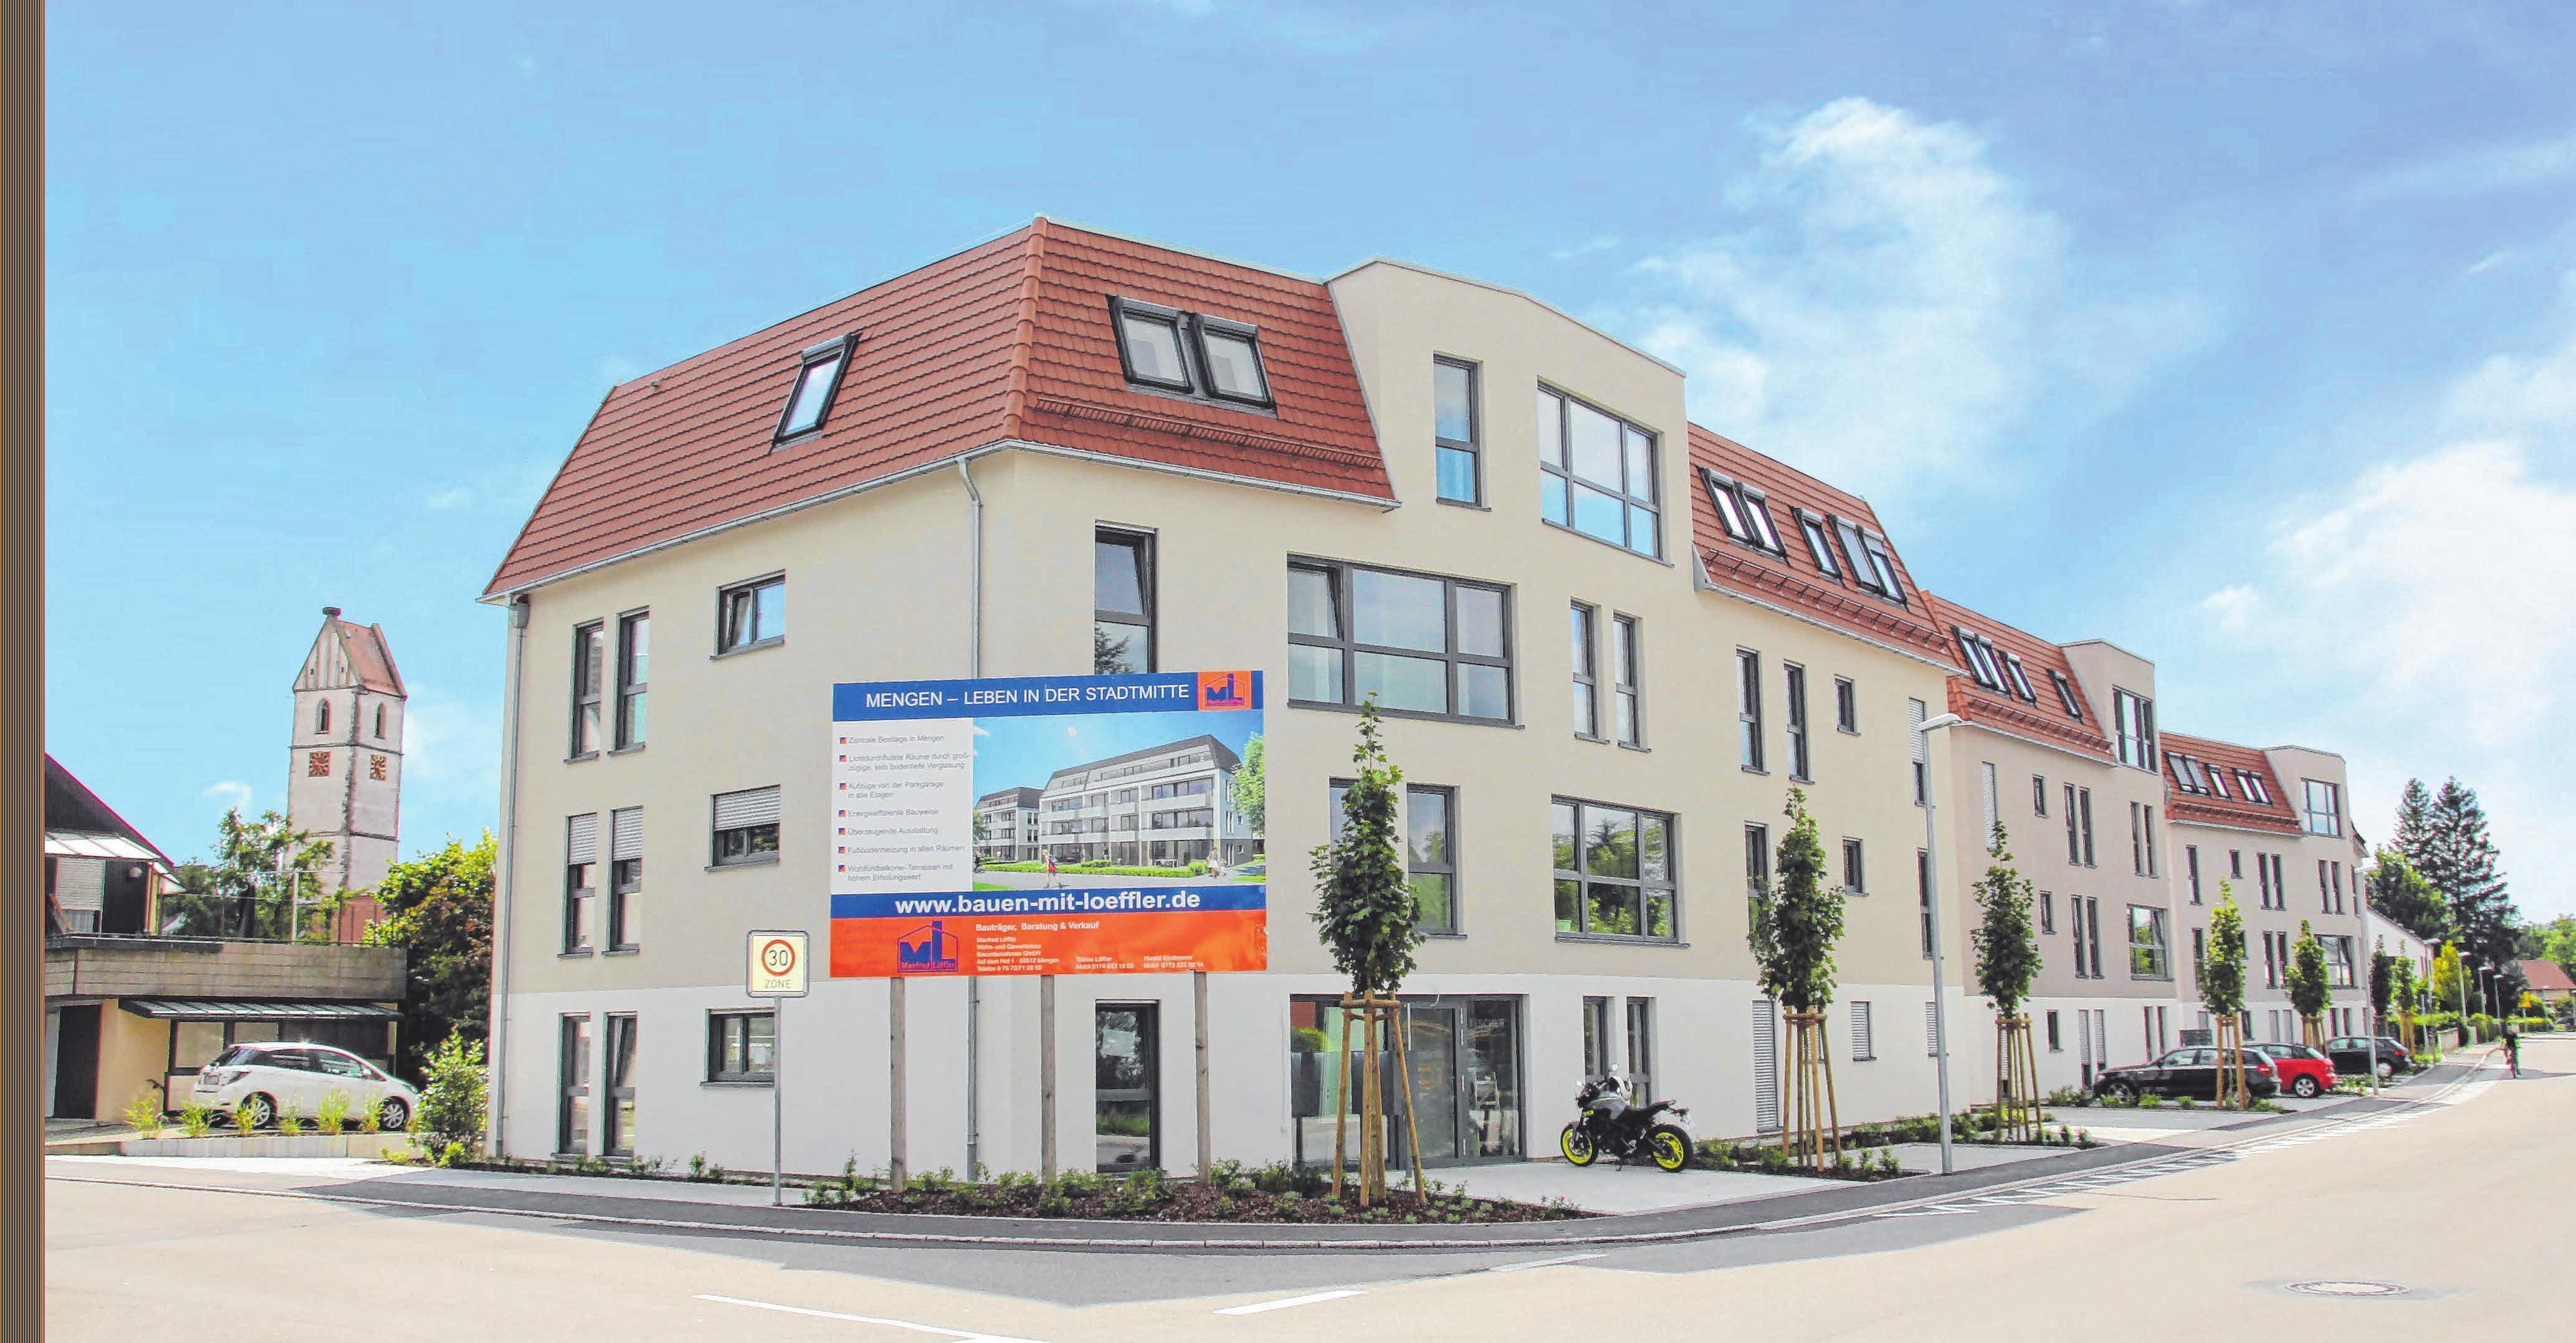 Das neue Wohnesemble integriert sich optimal in die Stadtmitte von Mengen. FOTO: LÖFFLER / ALBERT UNGER